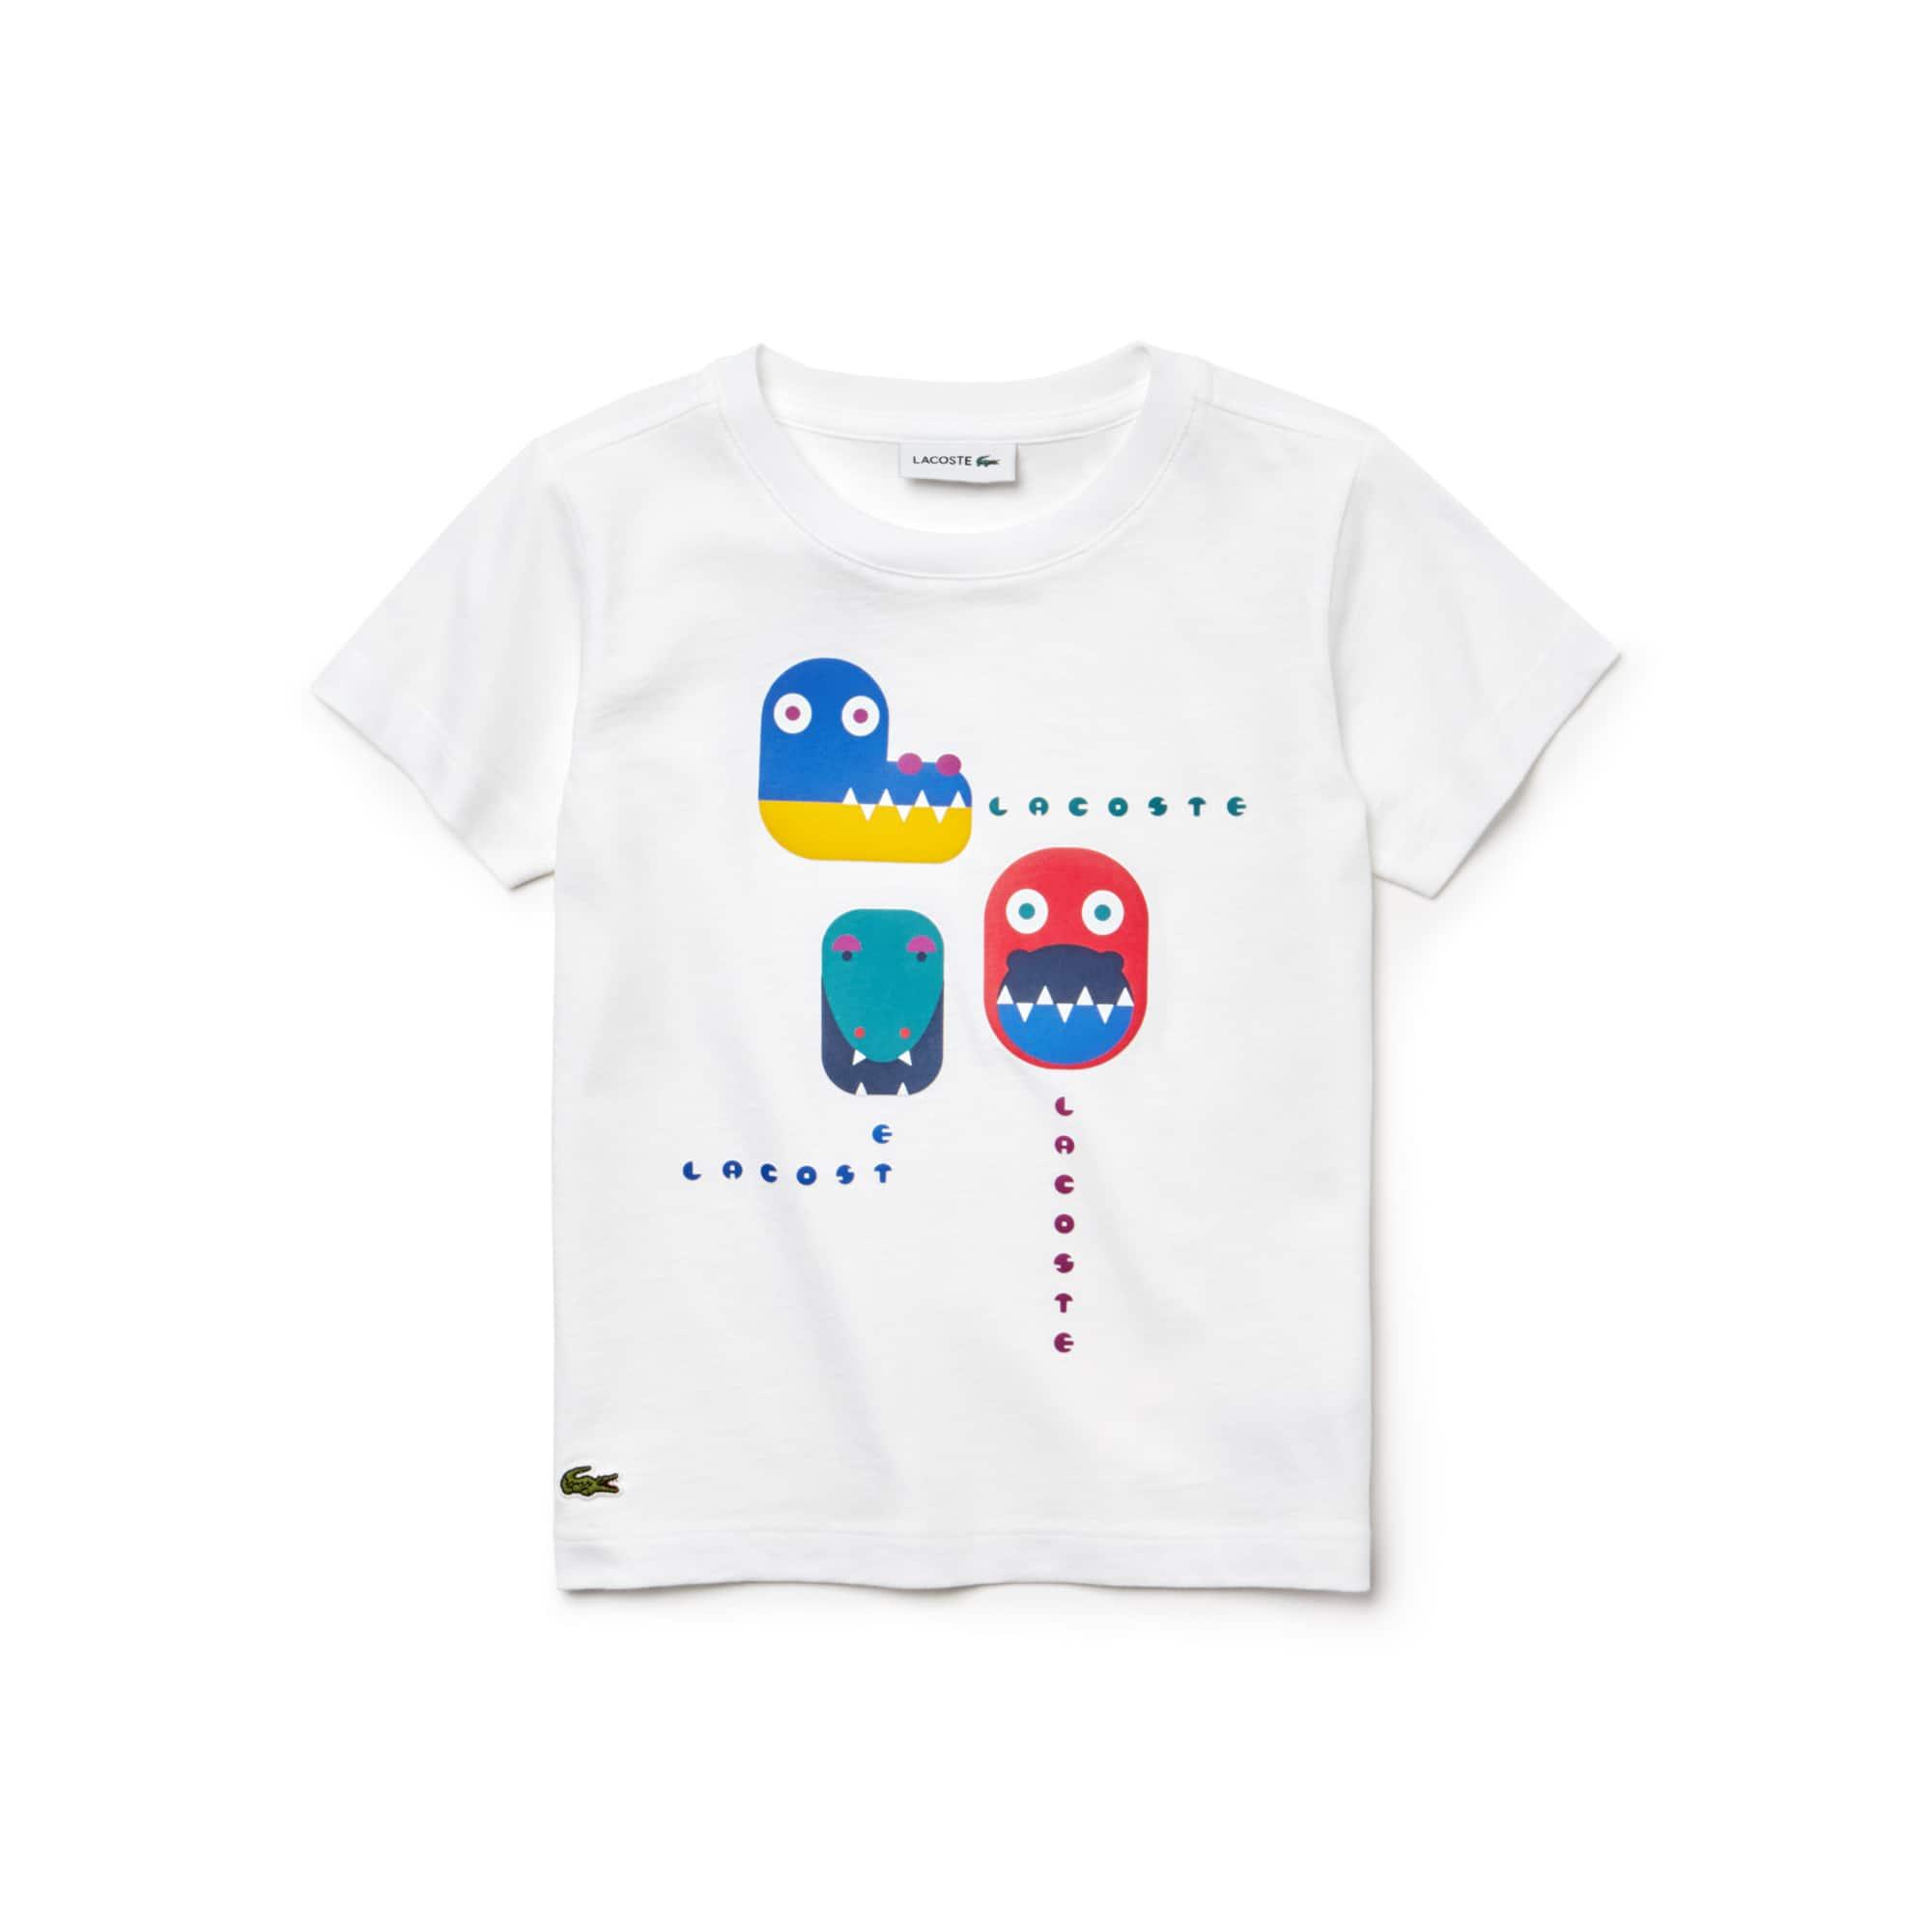 T-shirt Bambino a girocollo in jersey di cotone con stampa di coccodrilli